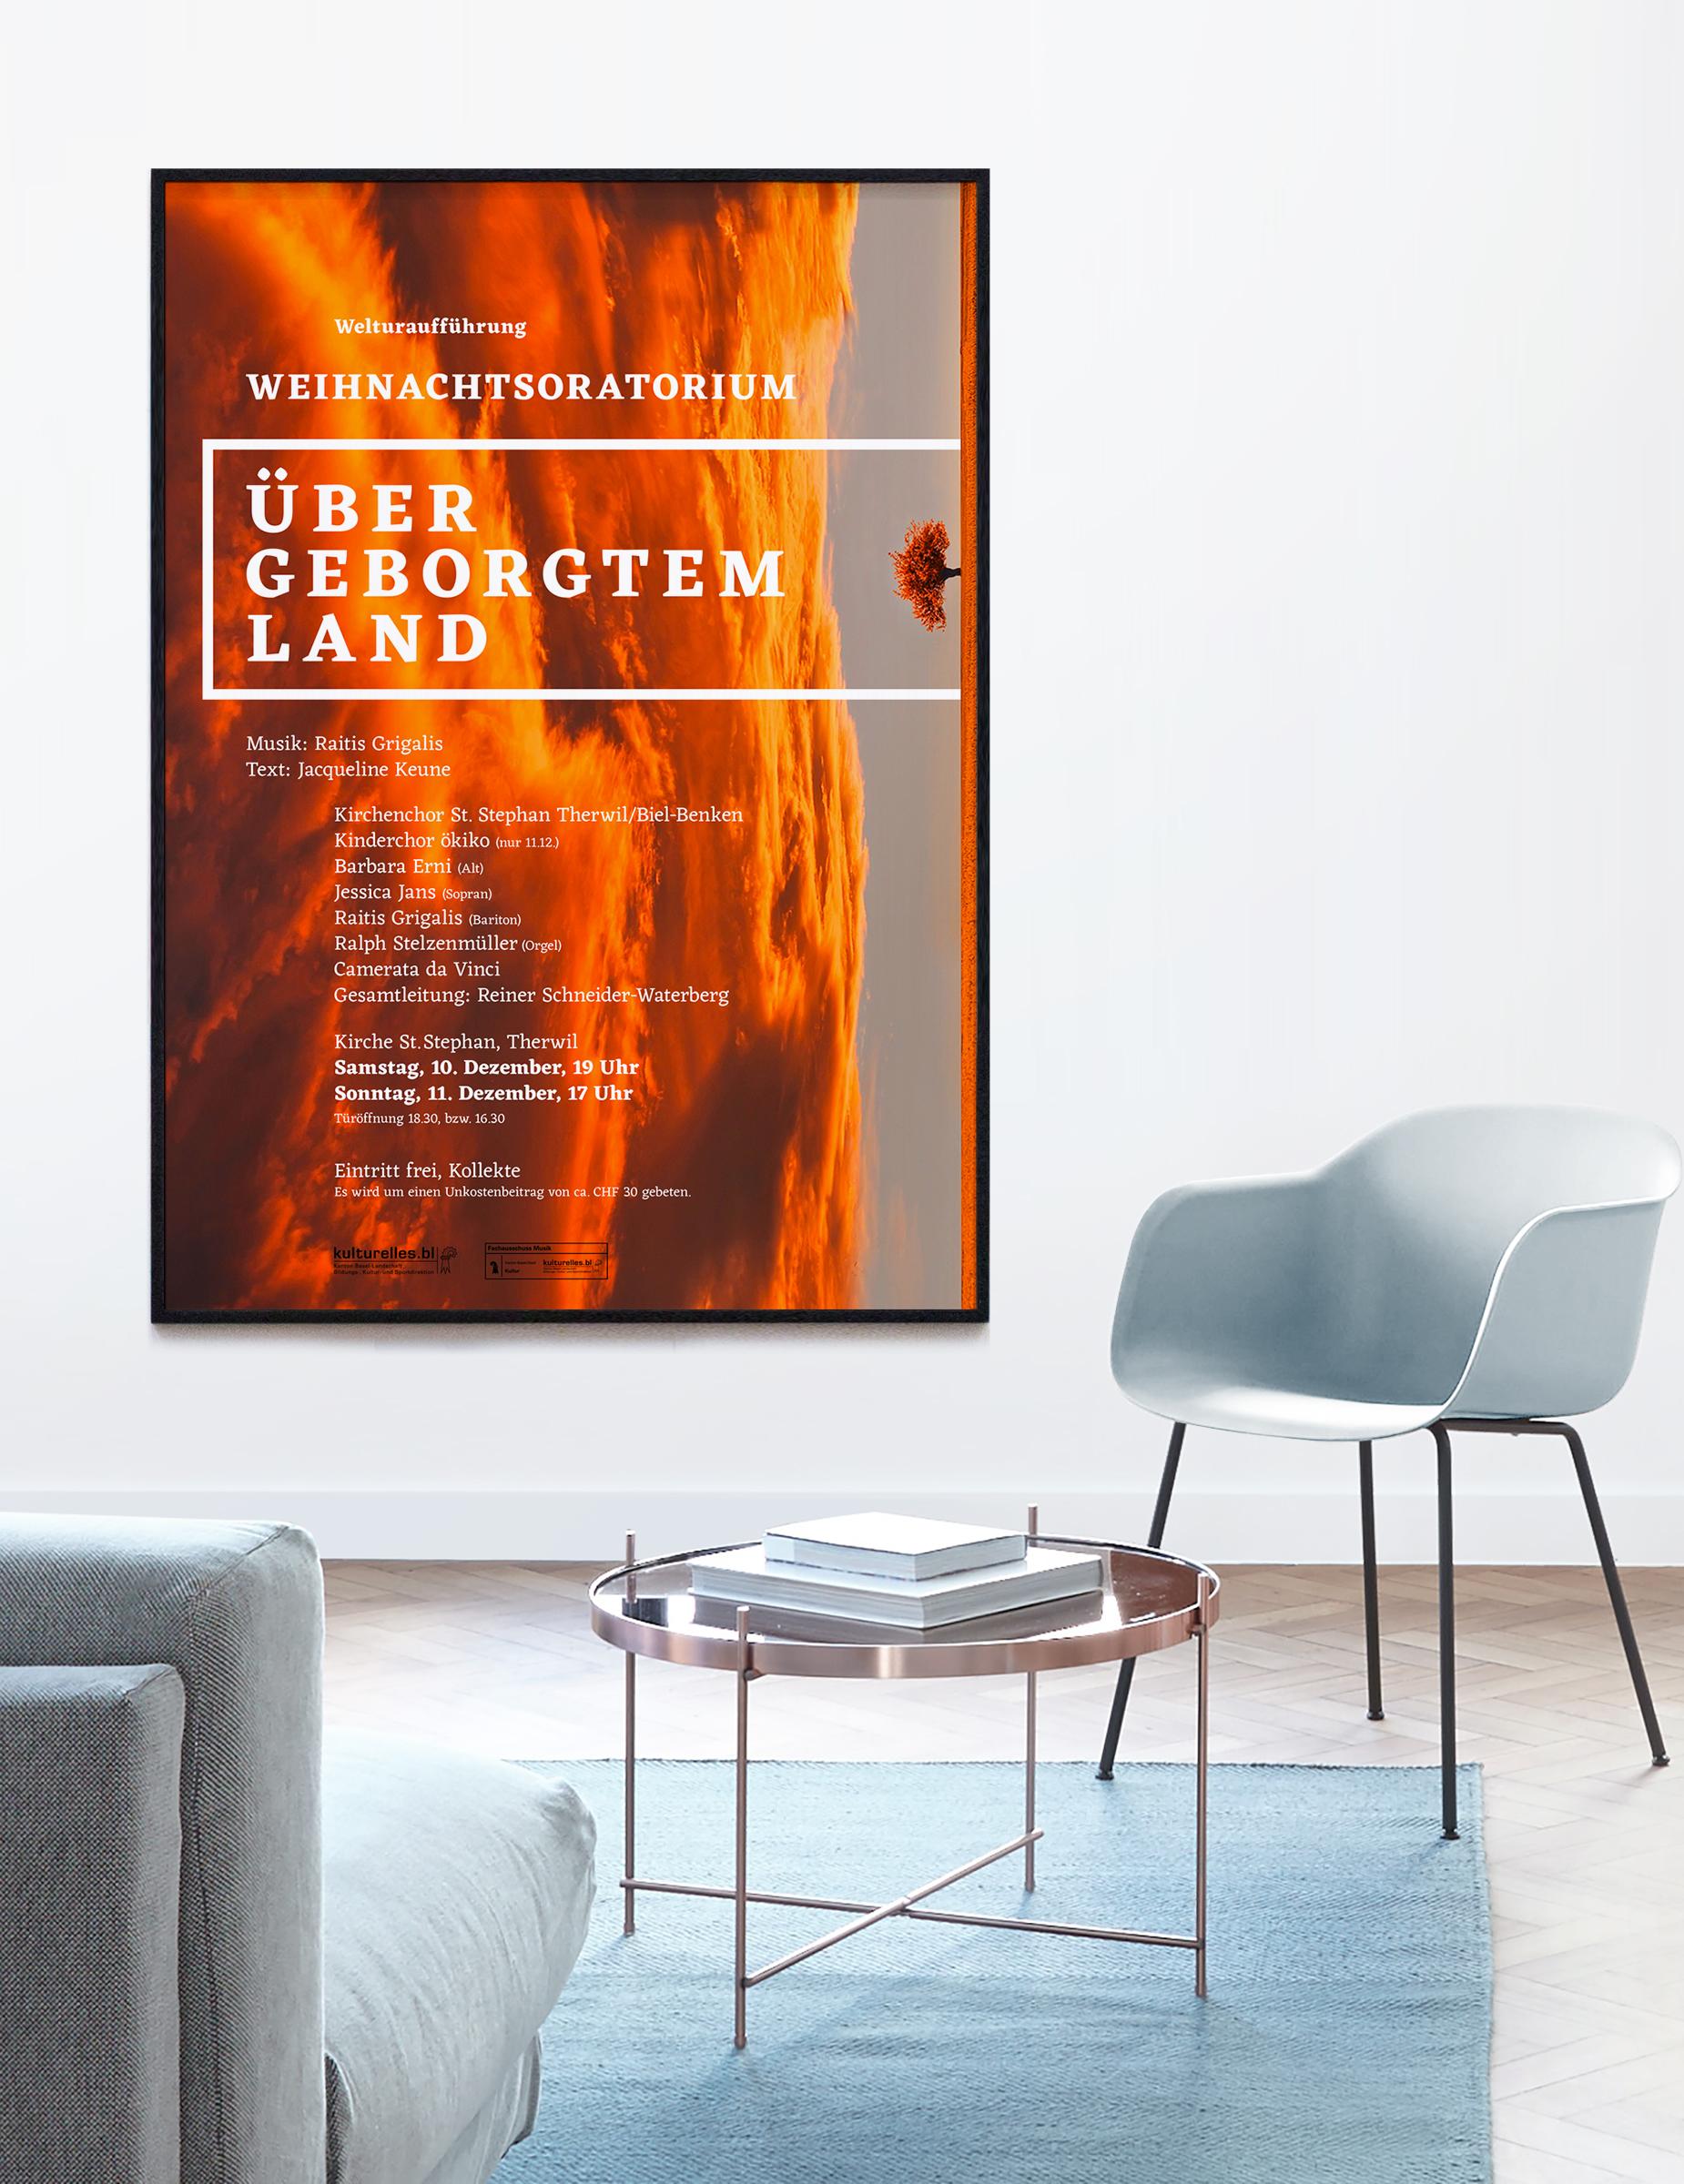 ueber_Geborgtem_Land_Poster